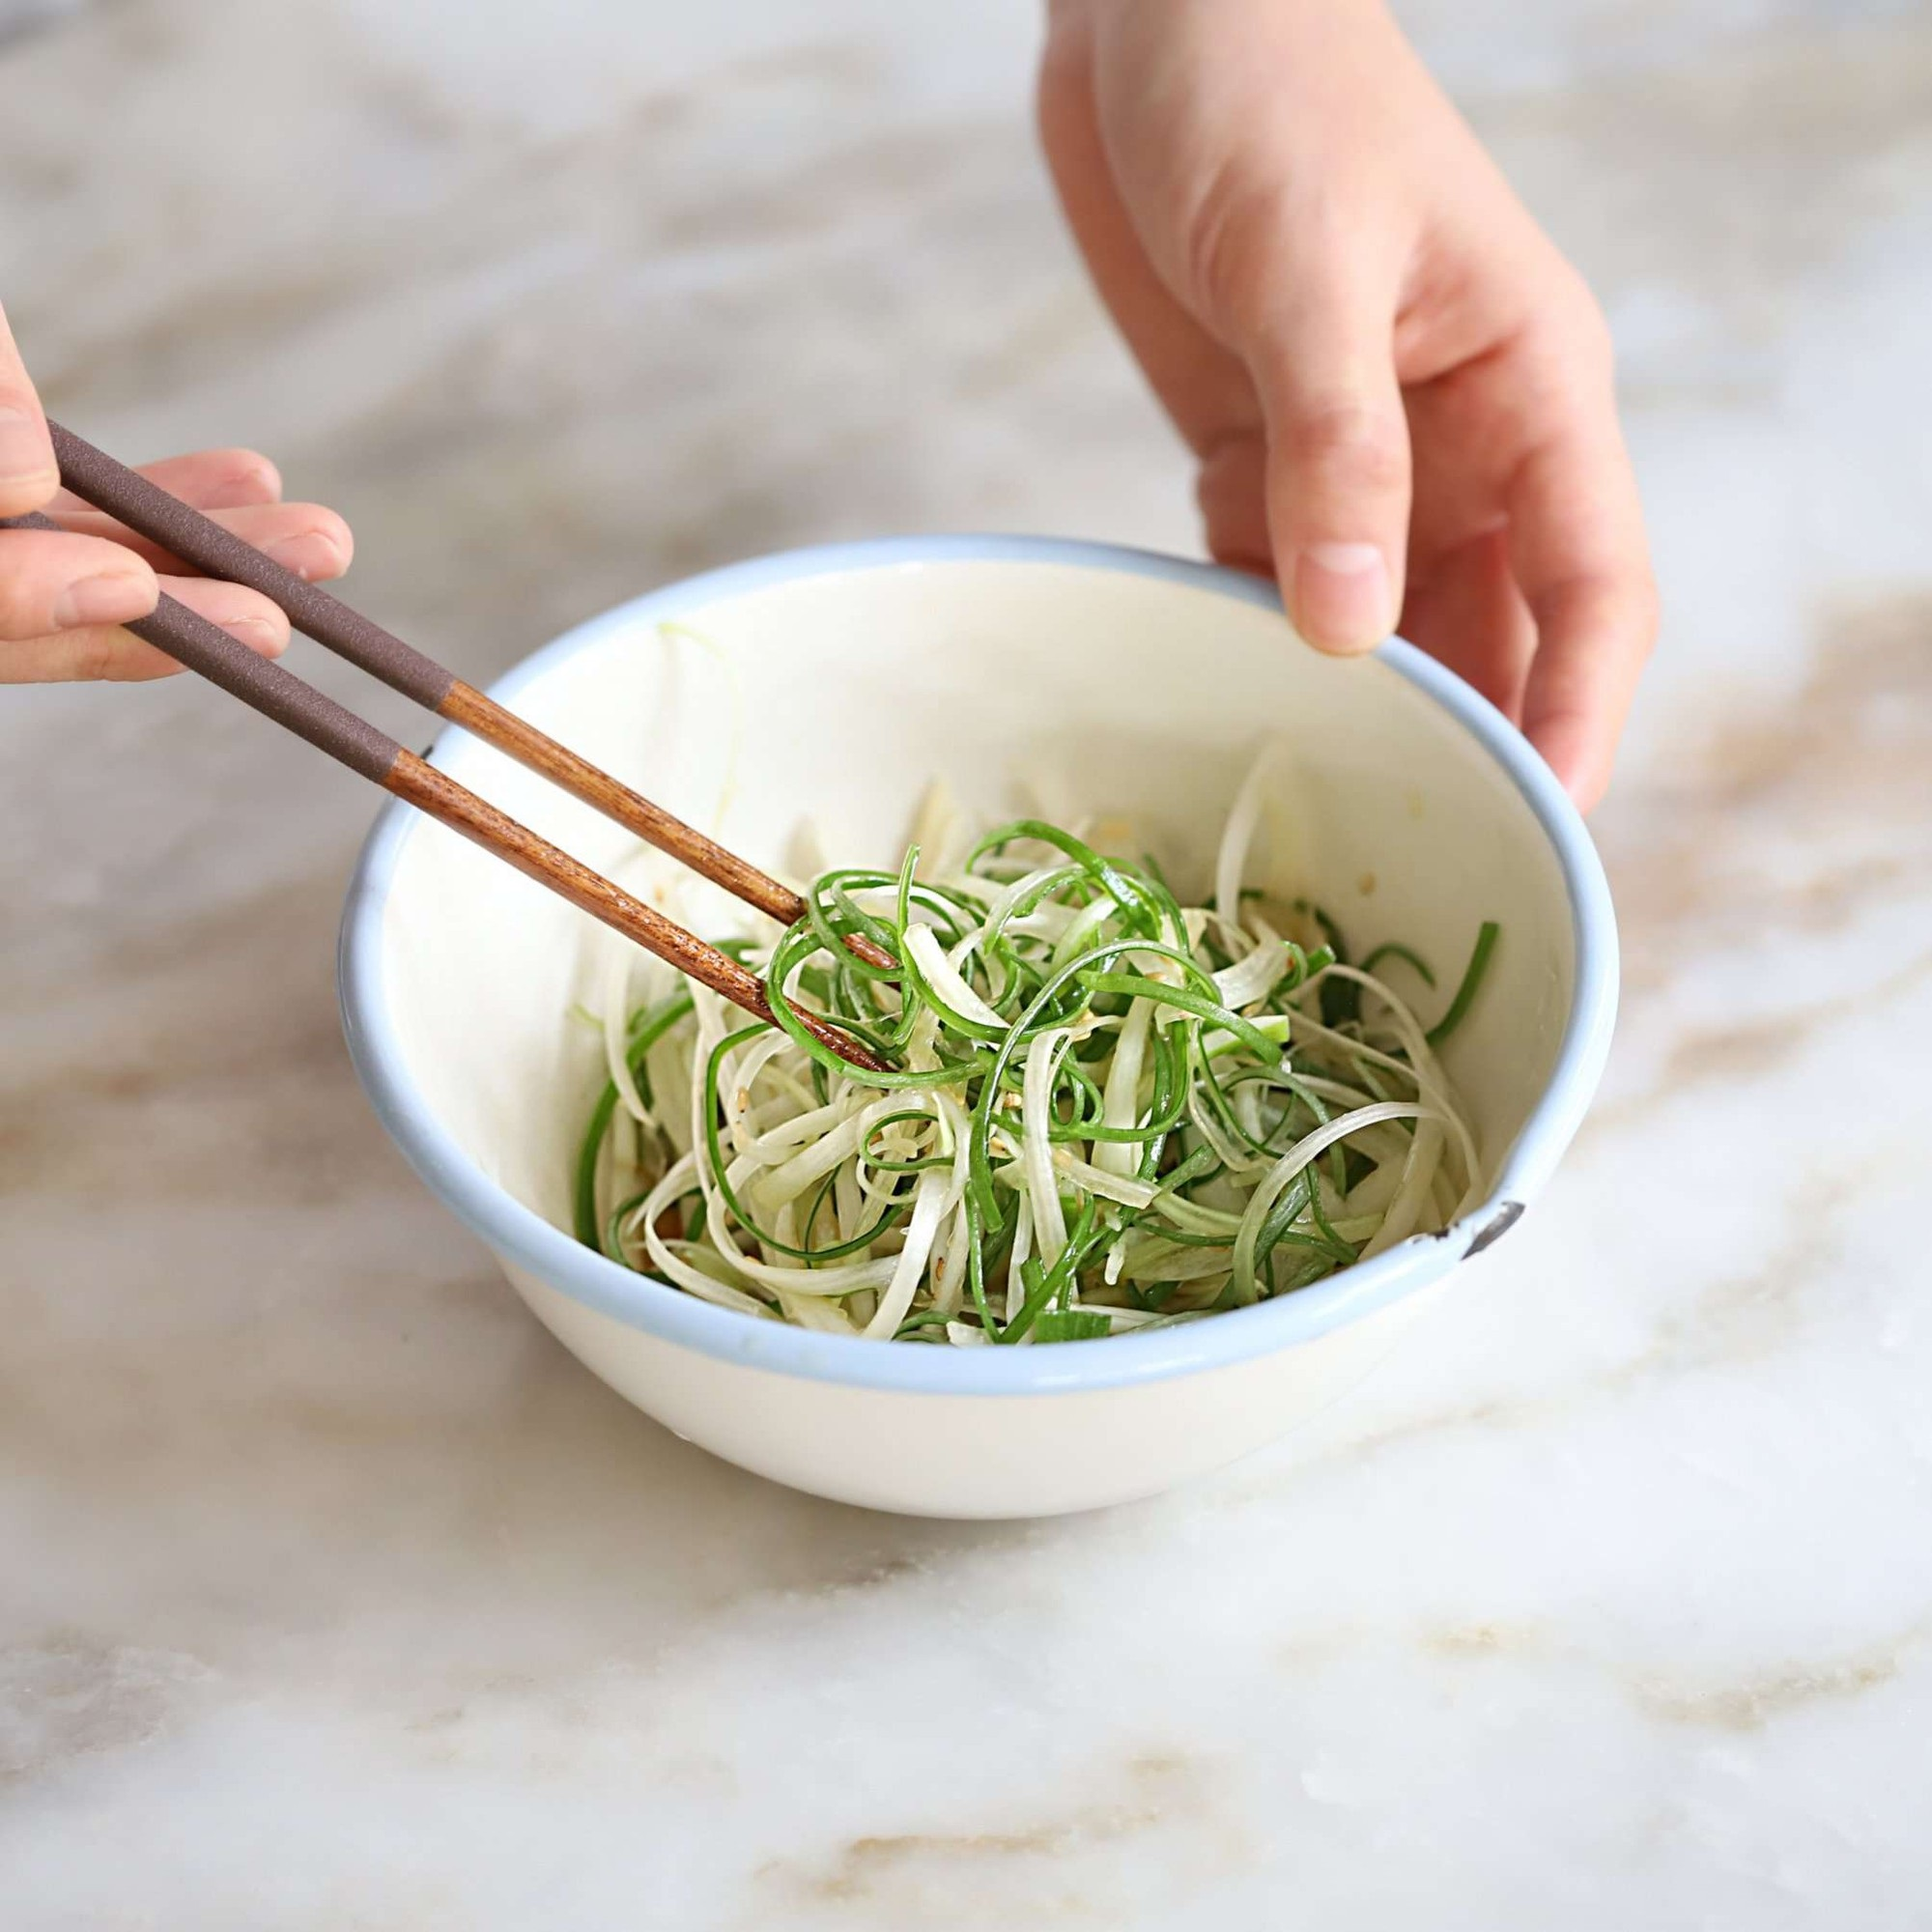 Học người Hàn cách làm món thịt áp chảo ngon ngất ngây ăn mùa lạnh hợp vô cùng - Ảnh 6